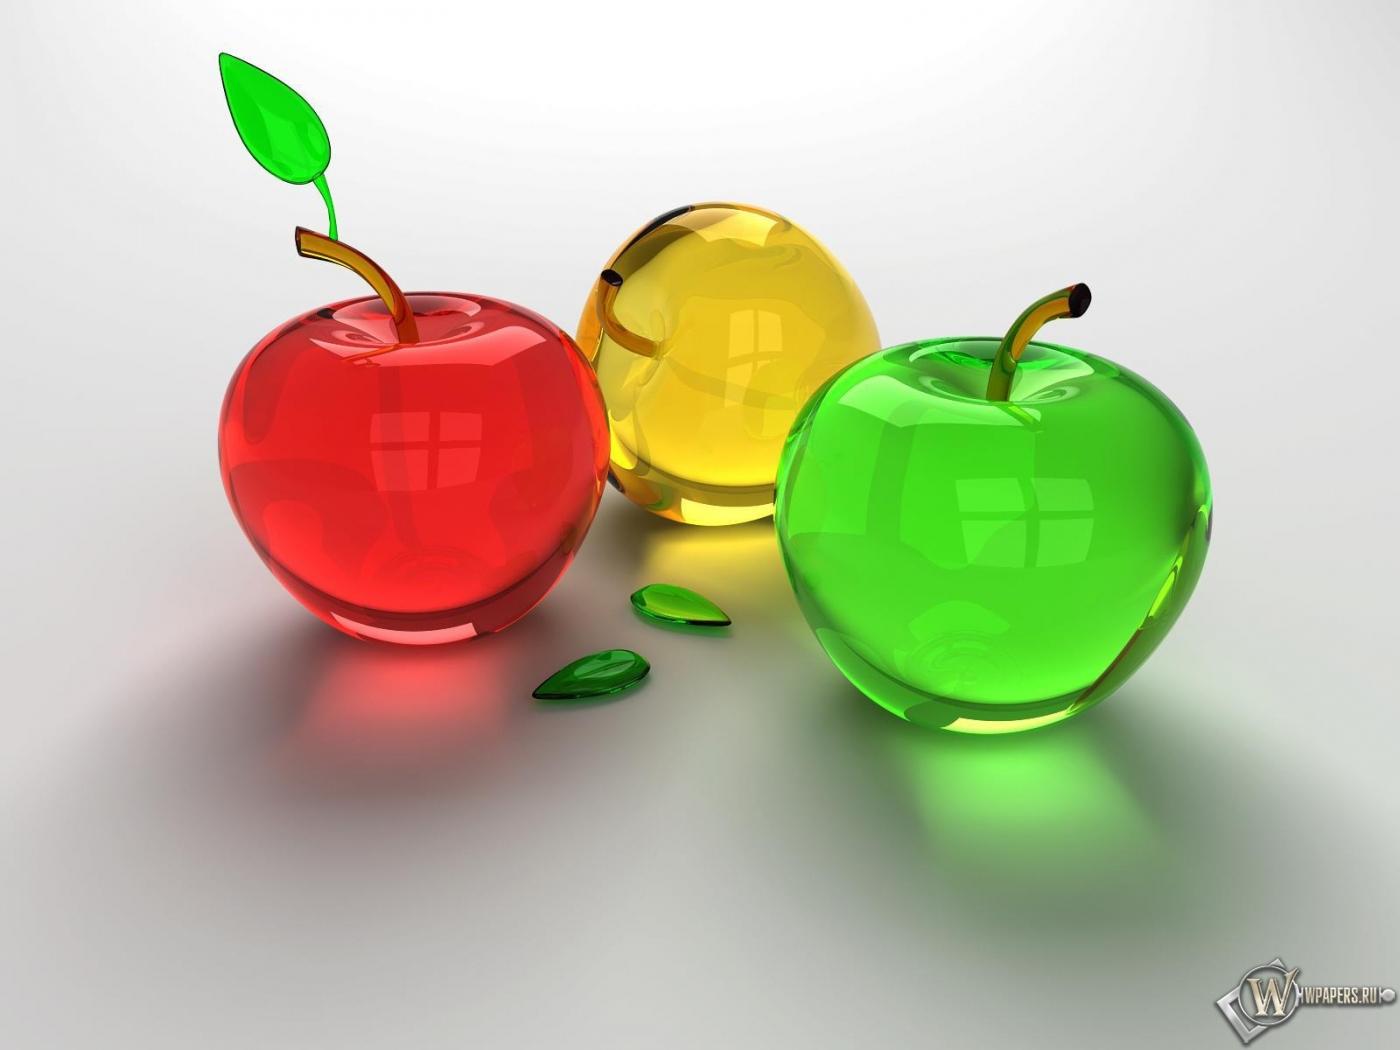 Яблочки 1400x1050